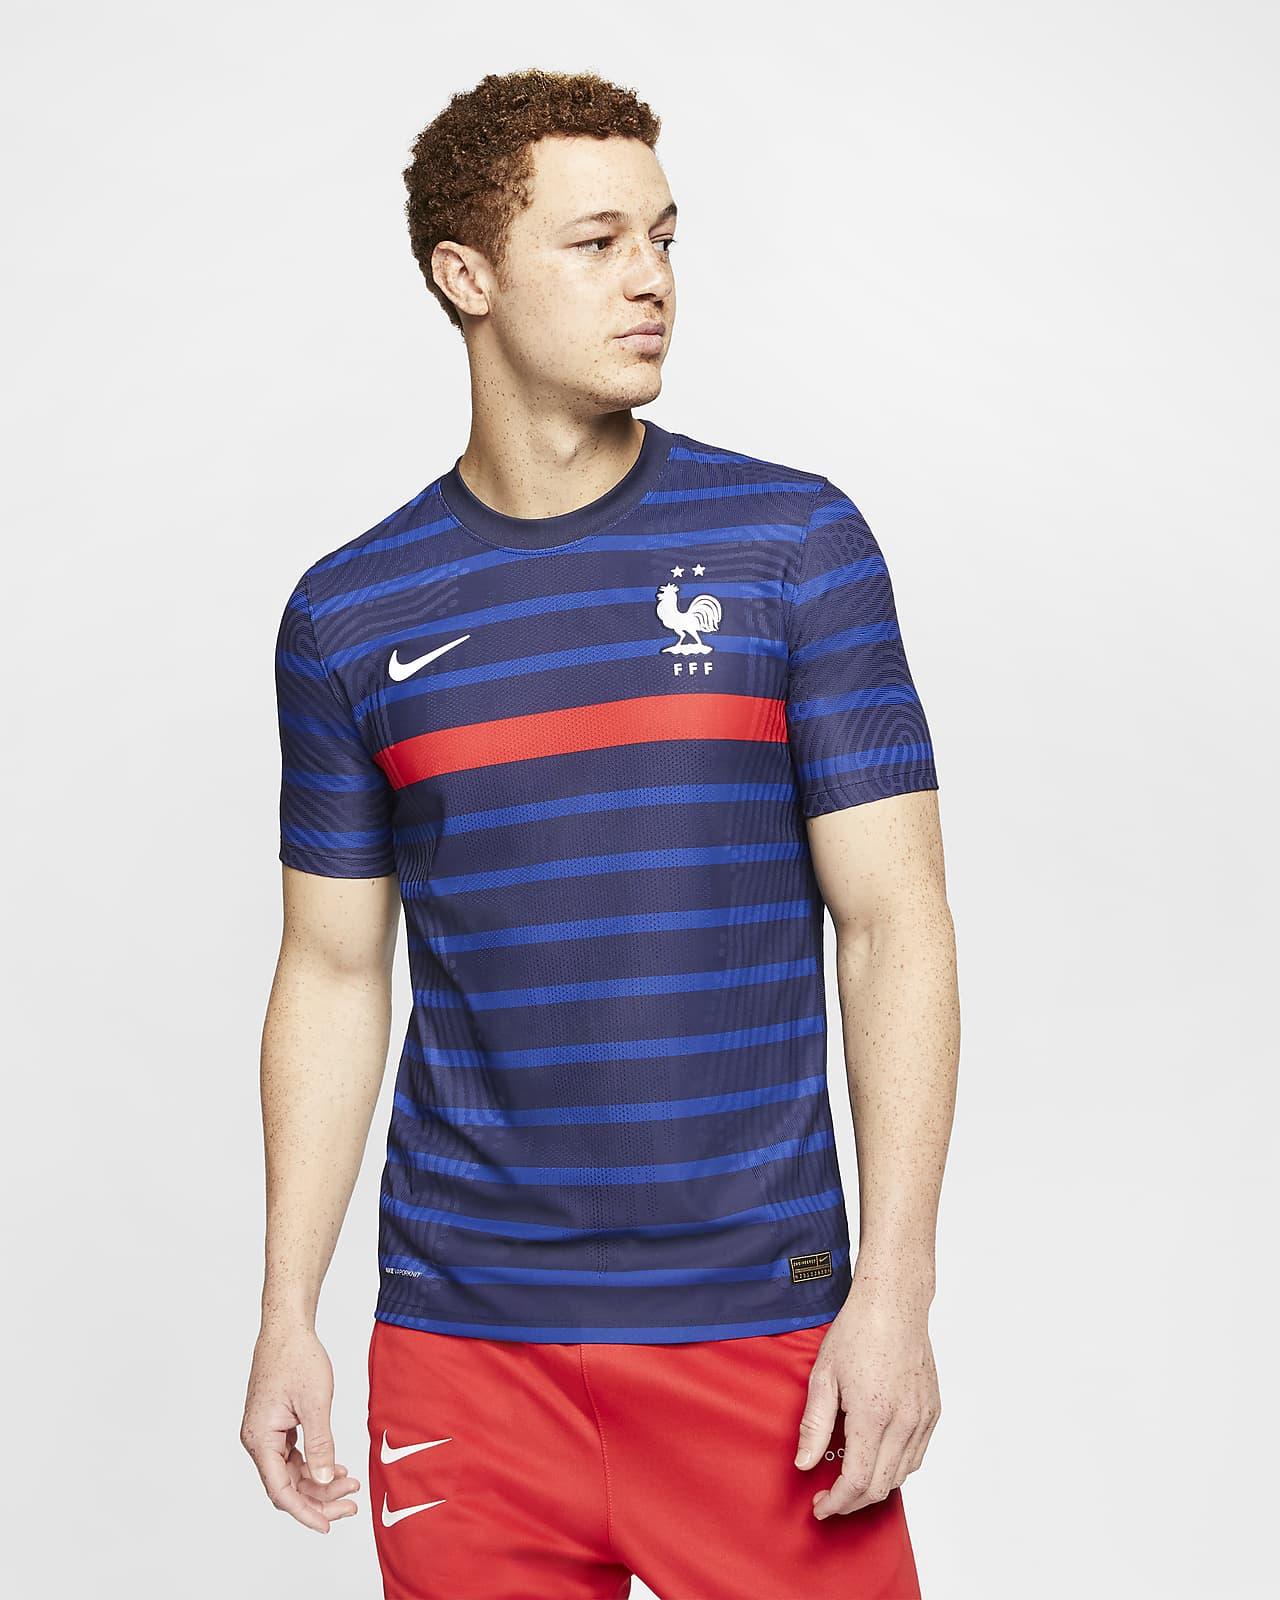 Camiseta de fútbol de local para hombre Vapor Match de la FFF 2020